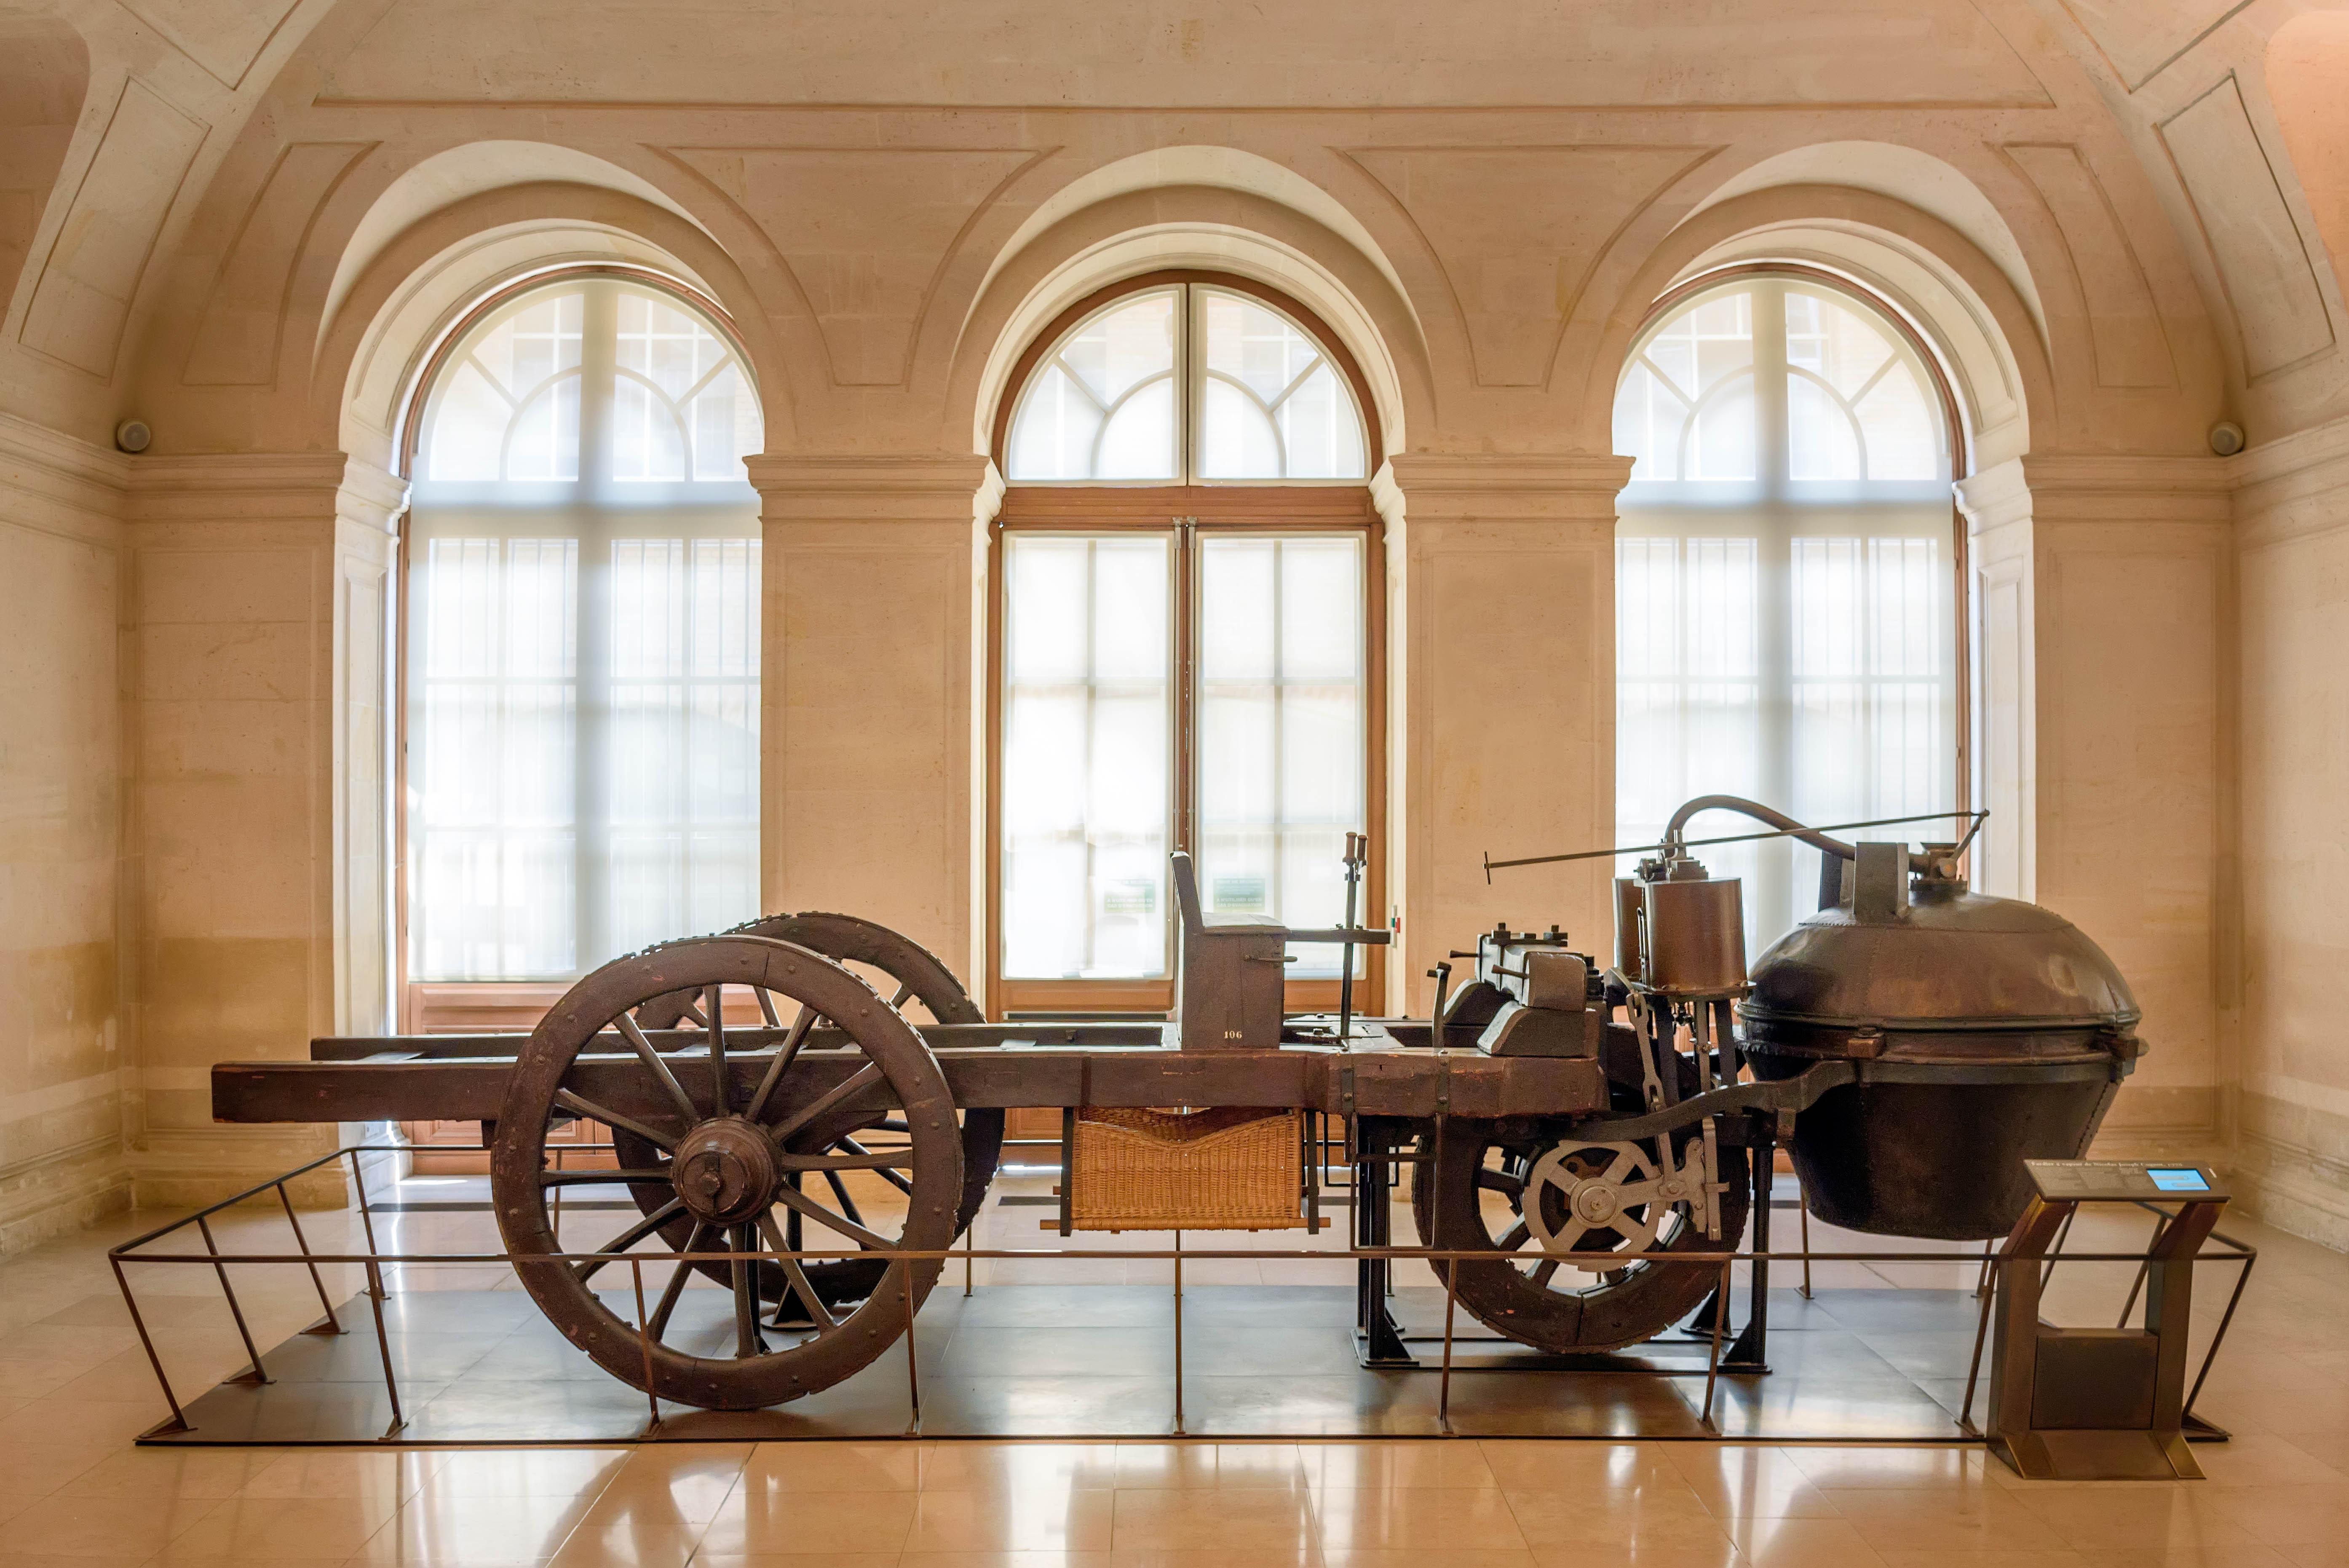 Joseph cugnot's 1770 fardier à vapeur photo